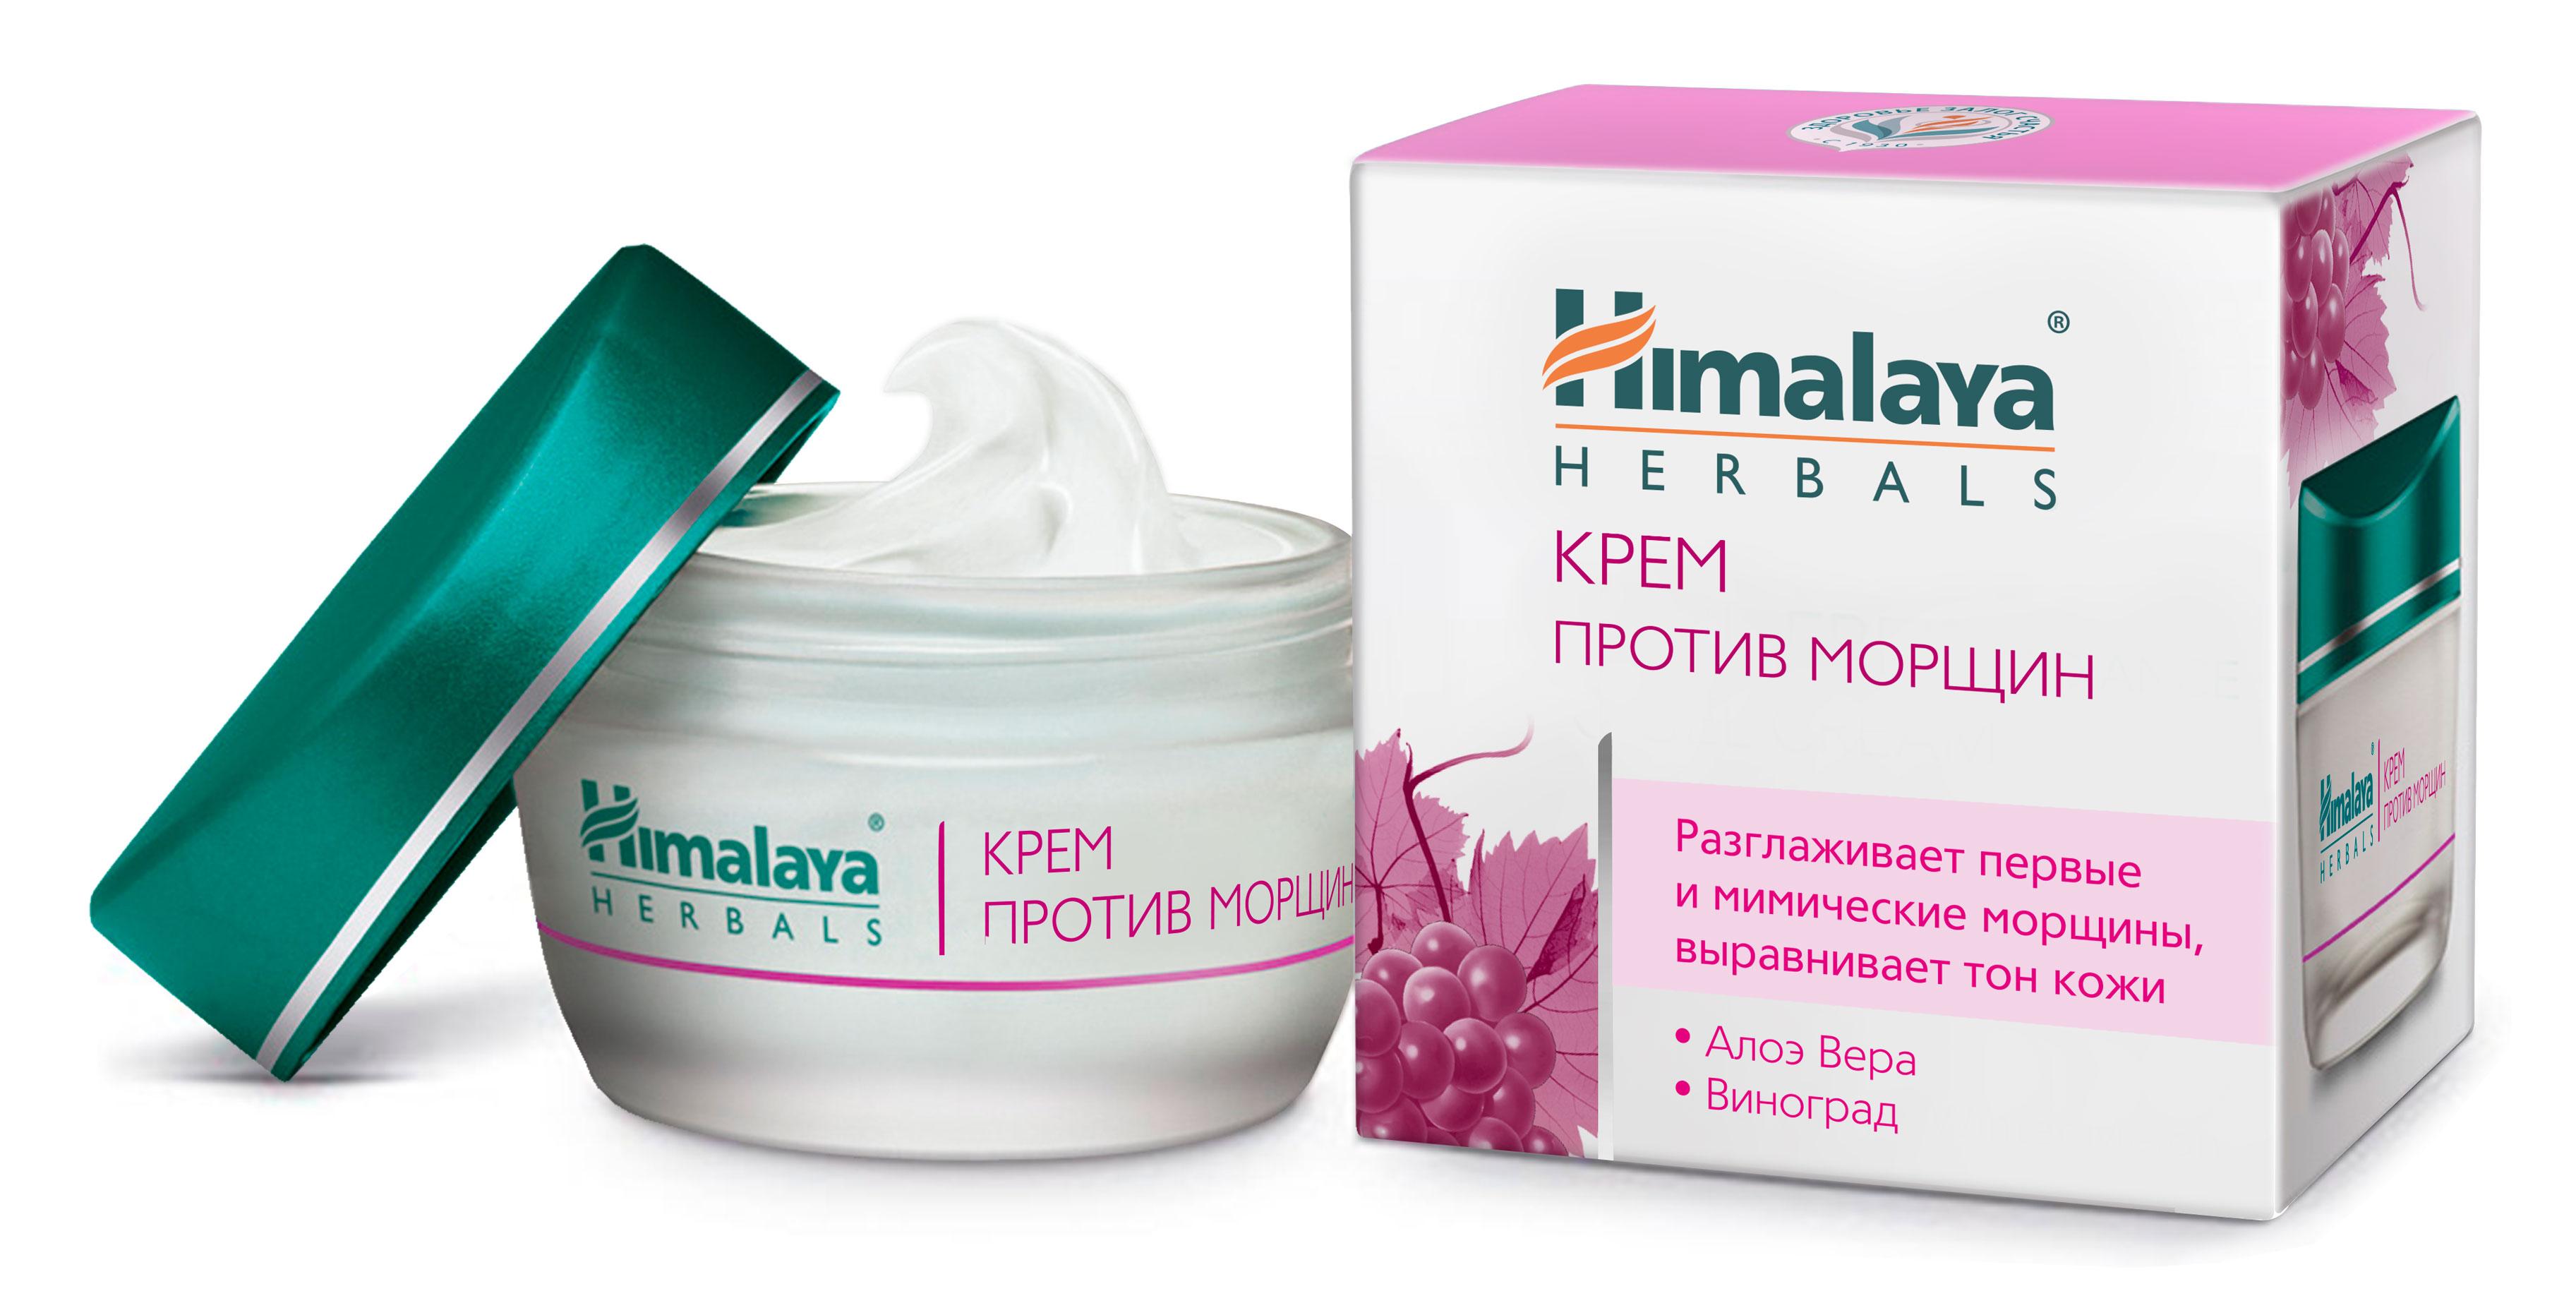 Himalaya HerbalsКрем против морщин 50 г Himalaya Herbals